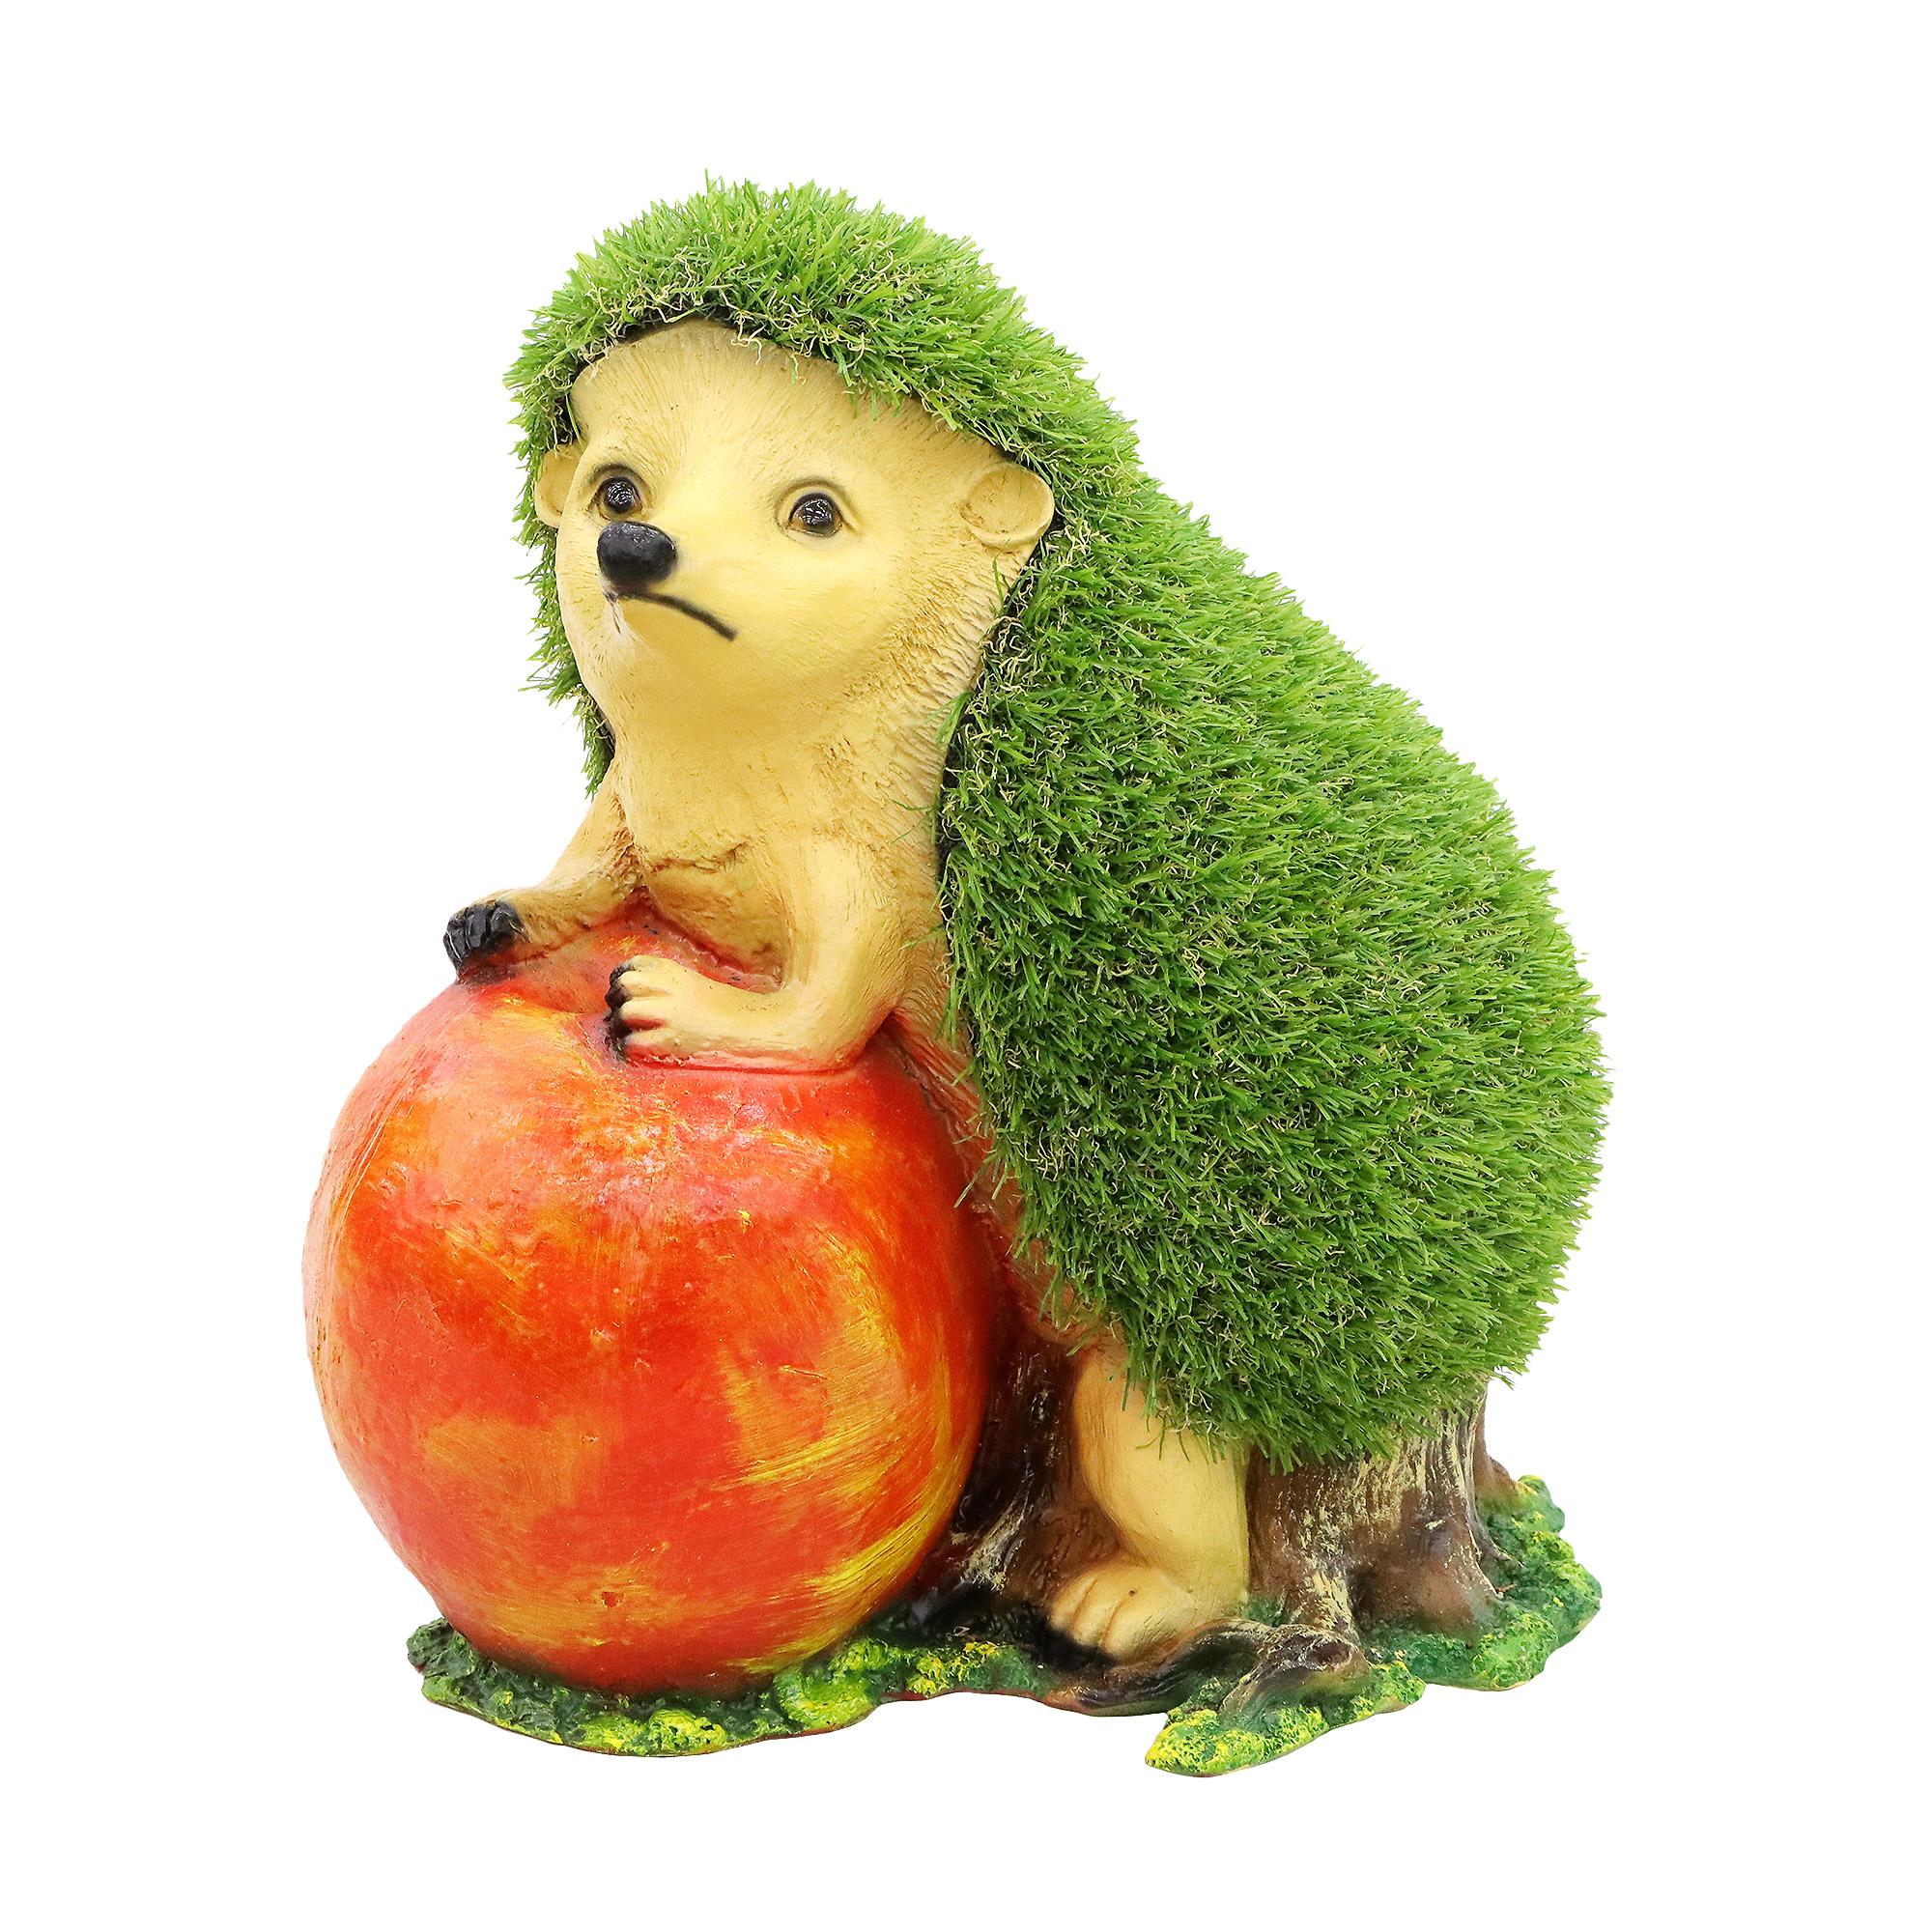 Декоративная садовая фигура покрытая травой Тпк полиформ Ежик с яблоком 38см